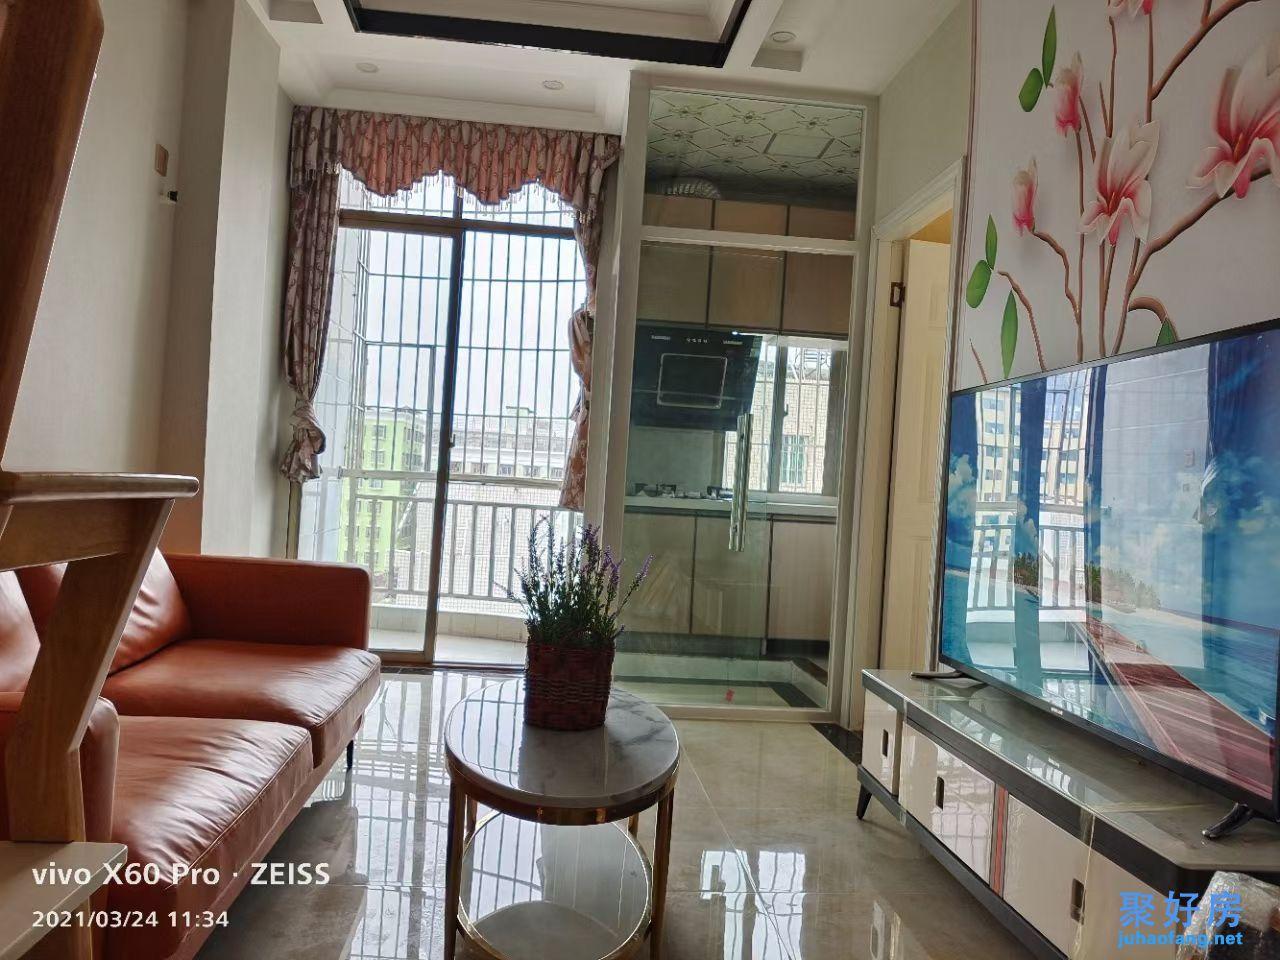 龙岗南联小产权房【龙峰雅居】地铁口物业一房一厅首付18万起